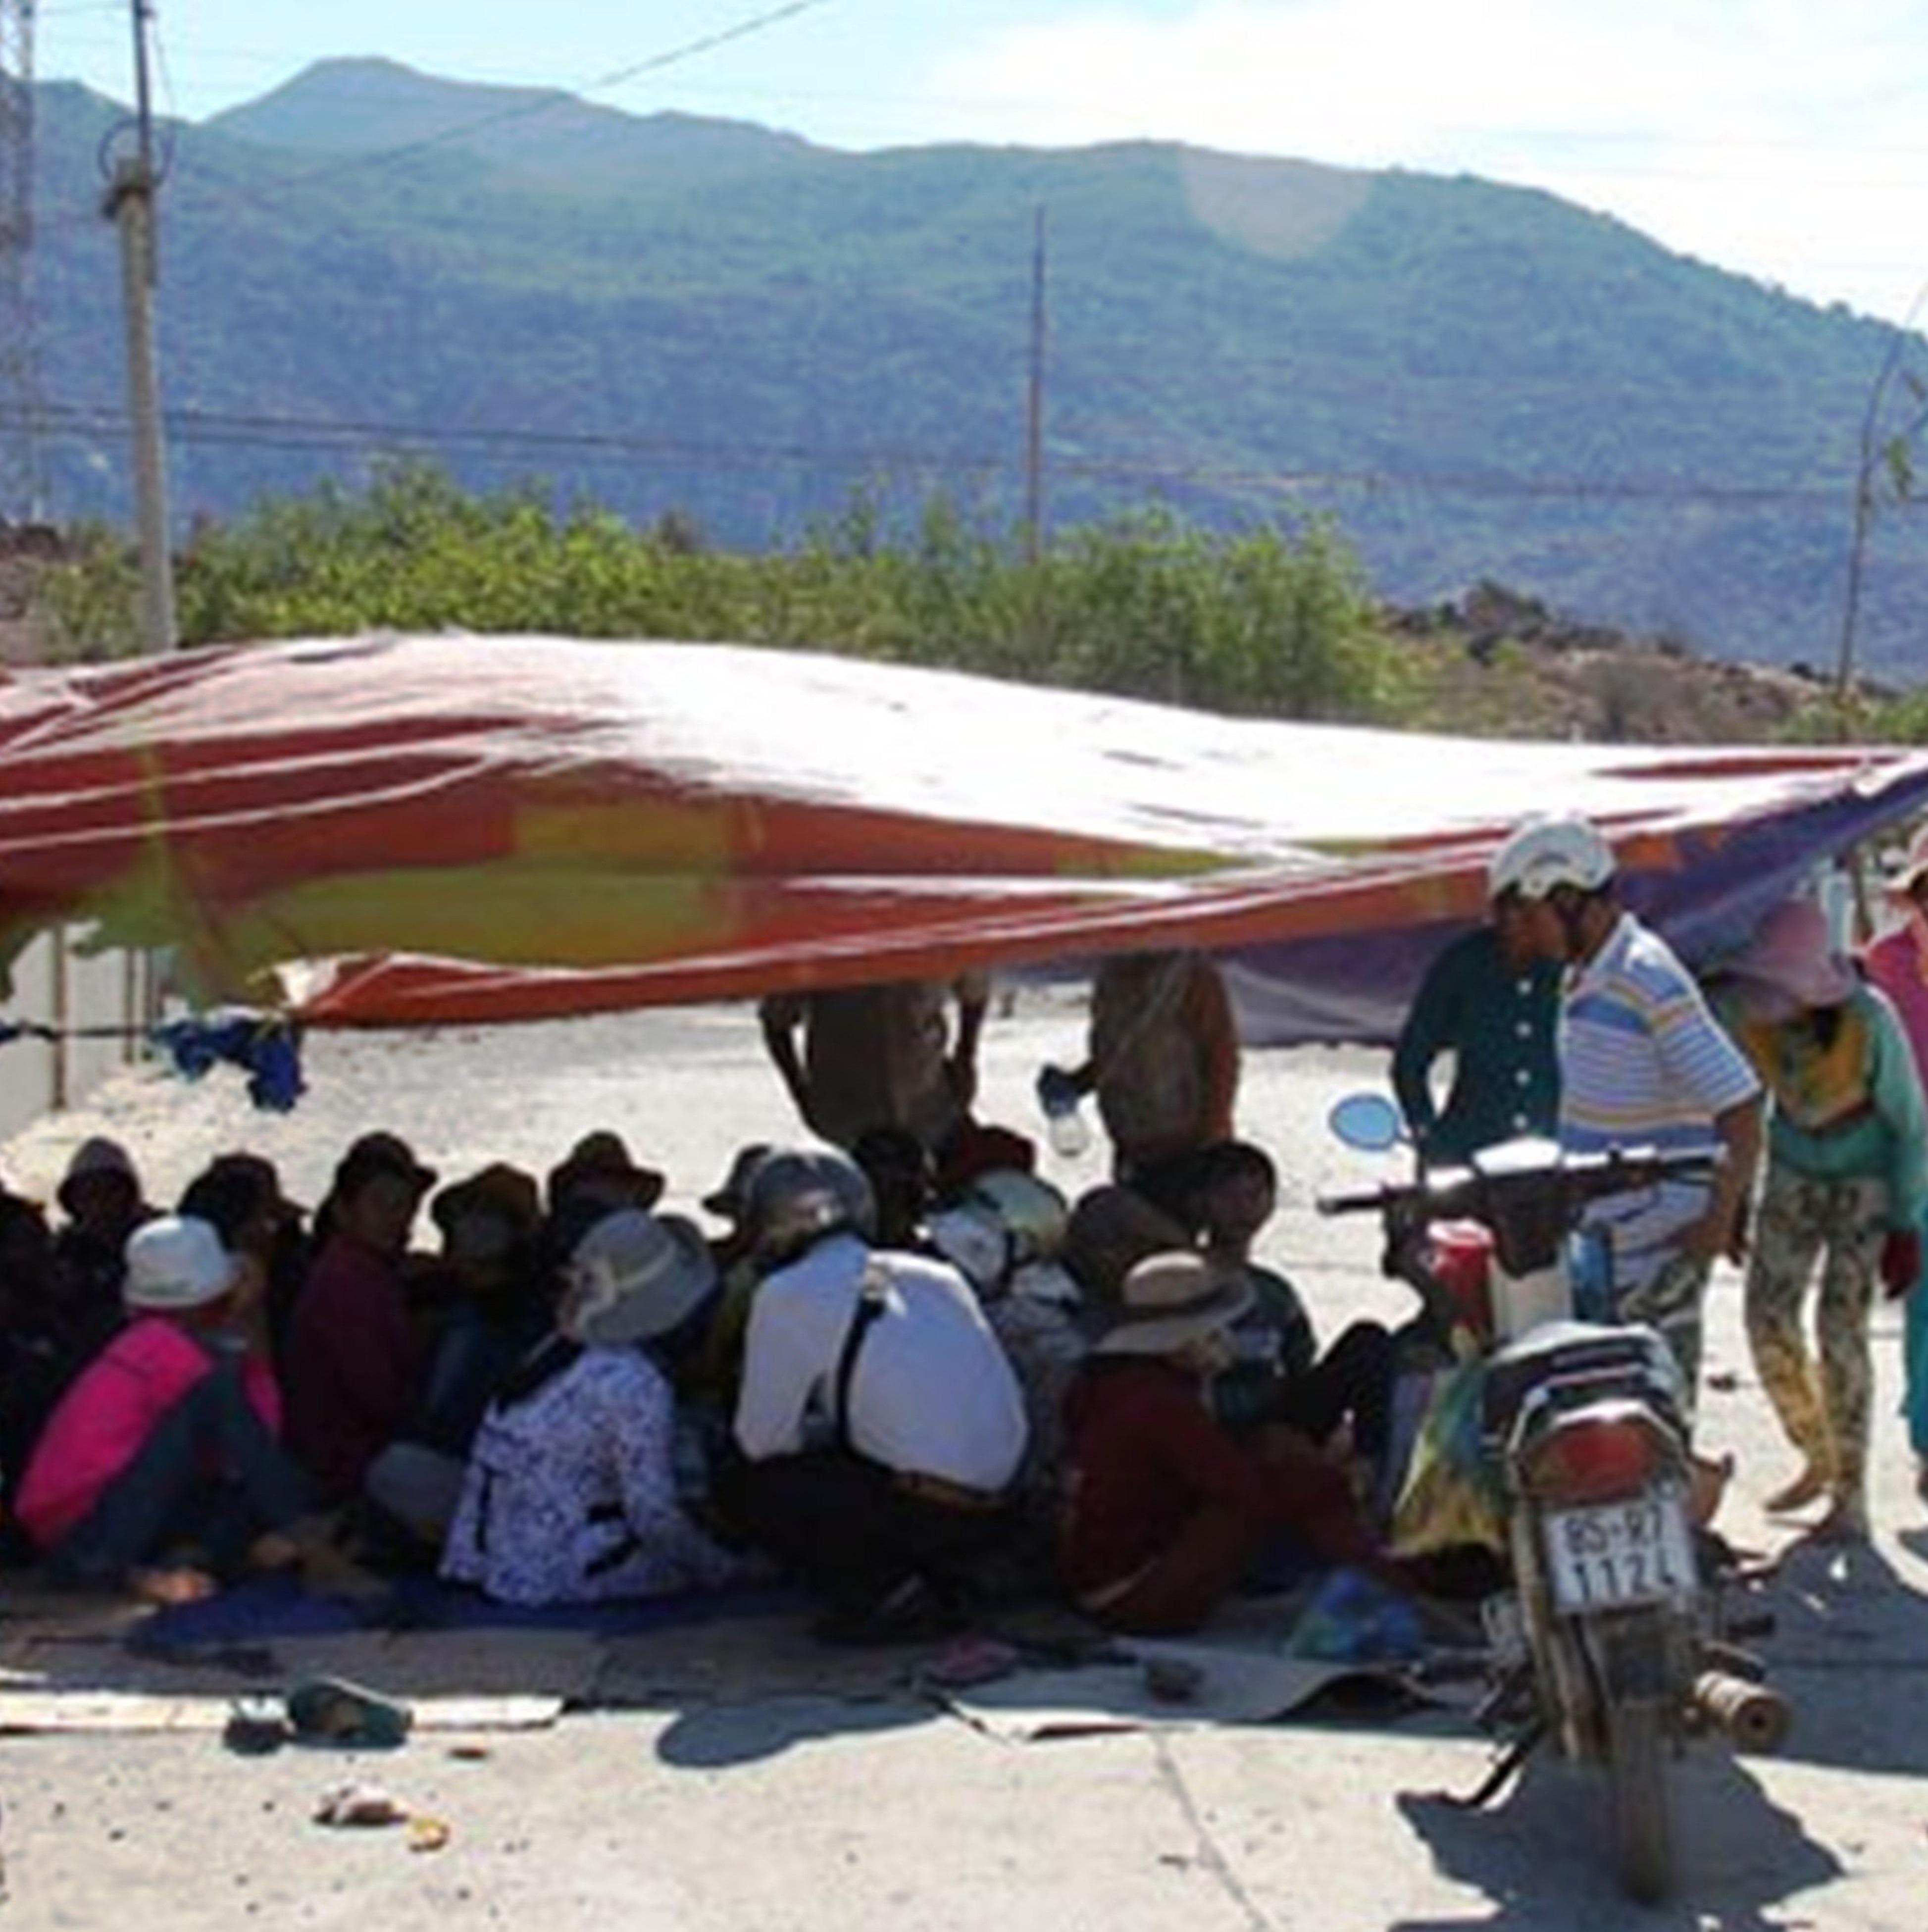 Người dân dựng lán trại trước khu mỏ đá để phản đối việc gây ô nhiểm